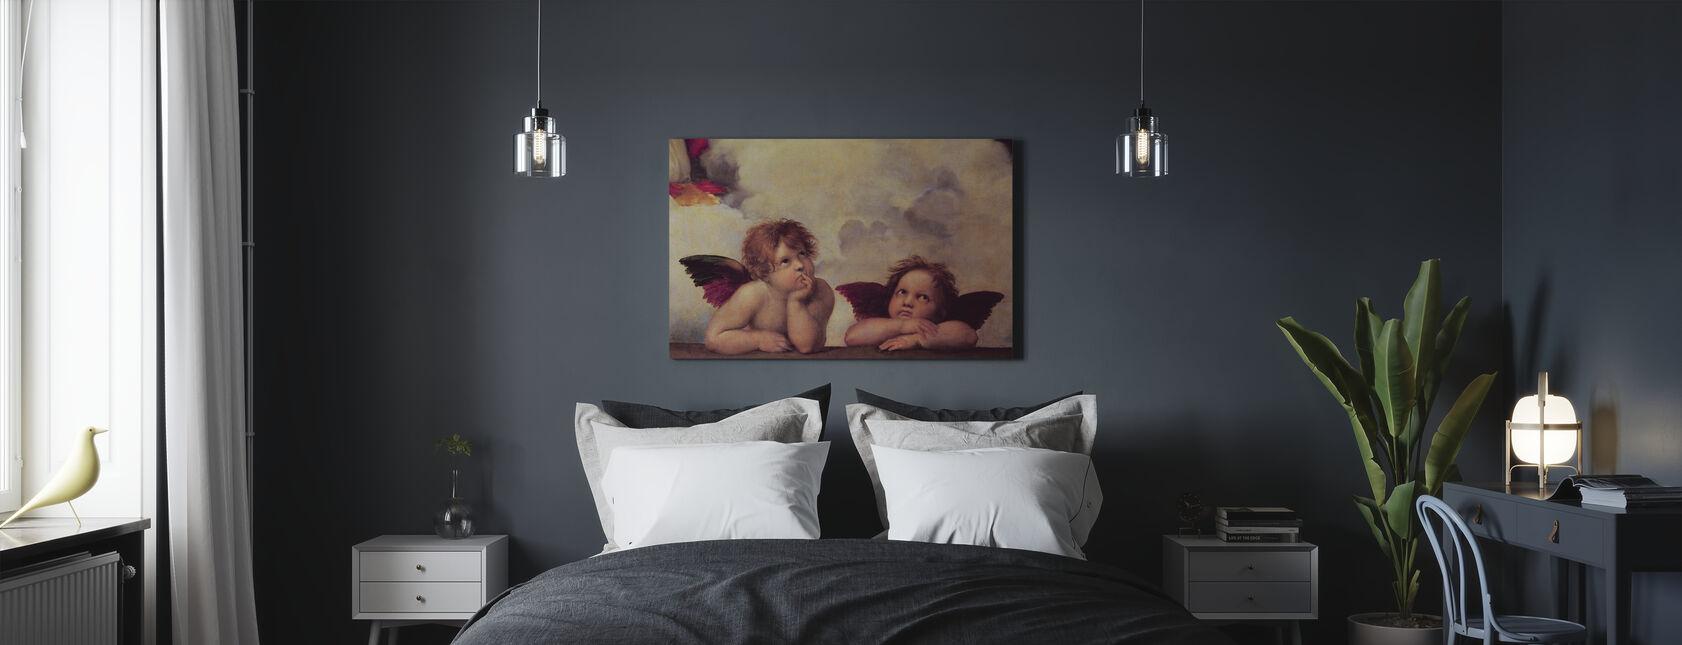 Due Angeli, Raffaello Santi - Stampa su tela - Camera da letto